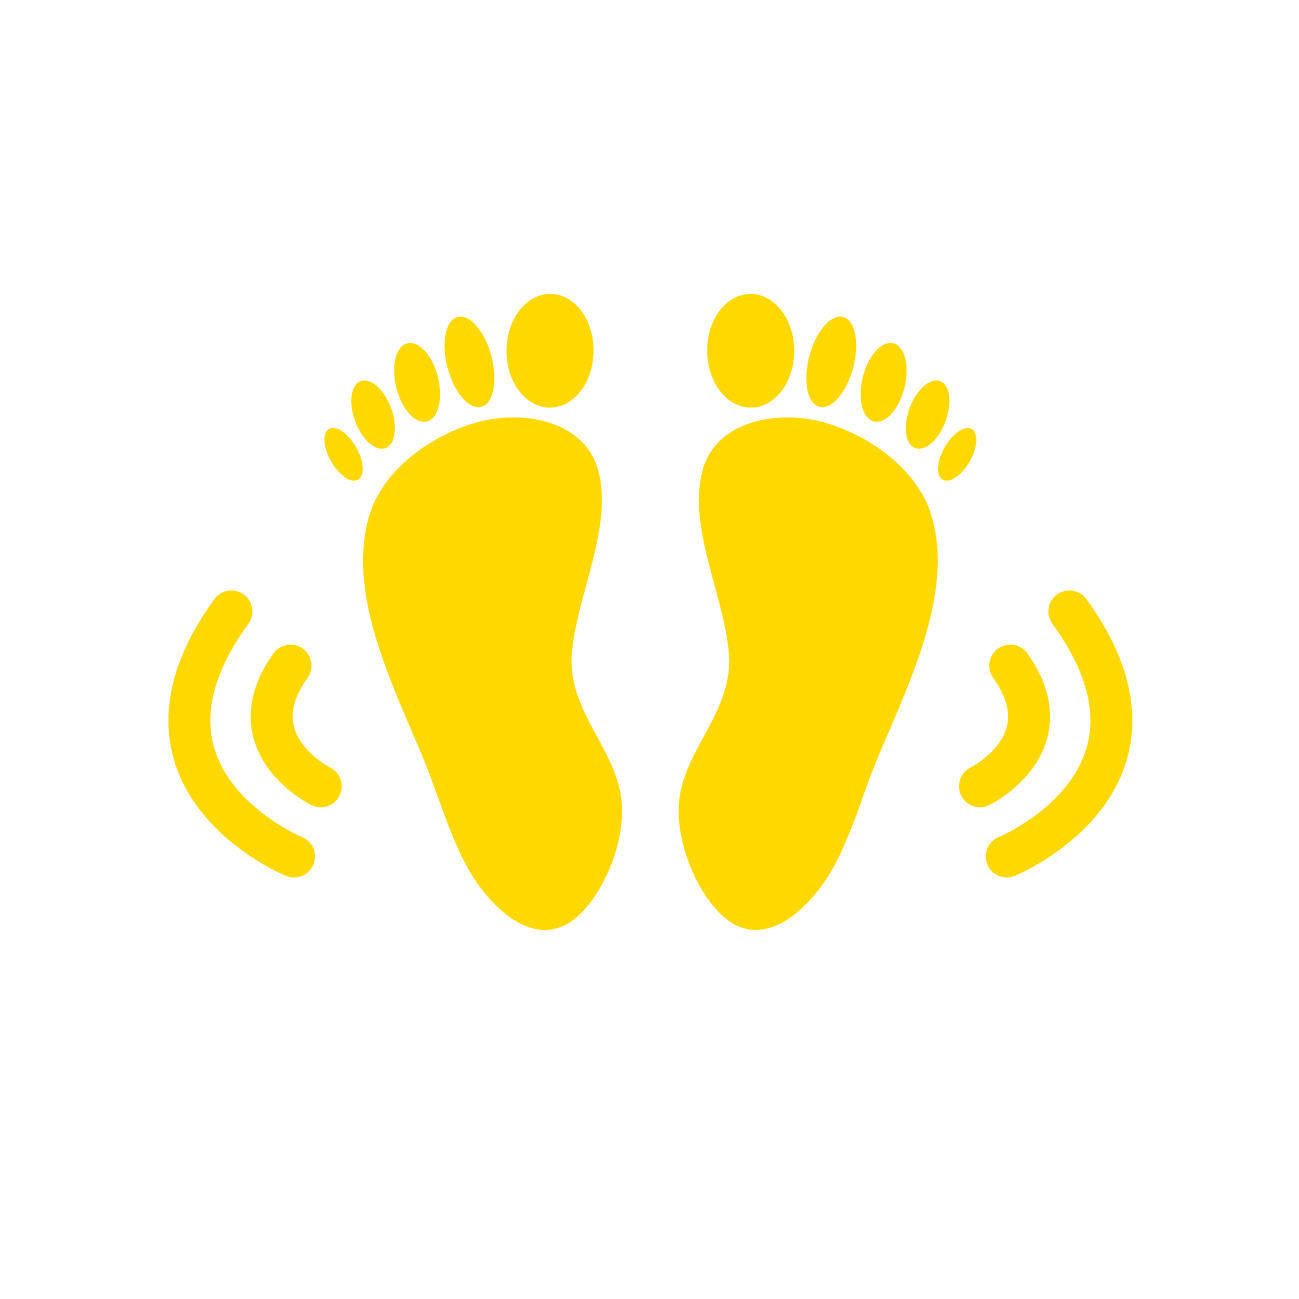 入谷式足底板(導入編)の研修会